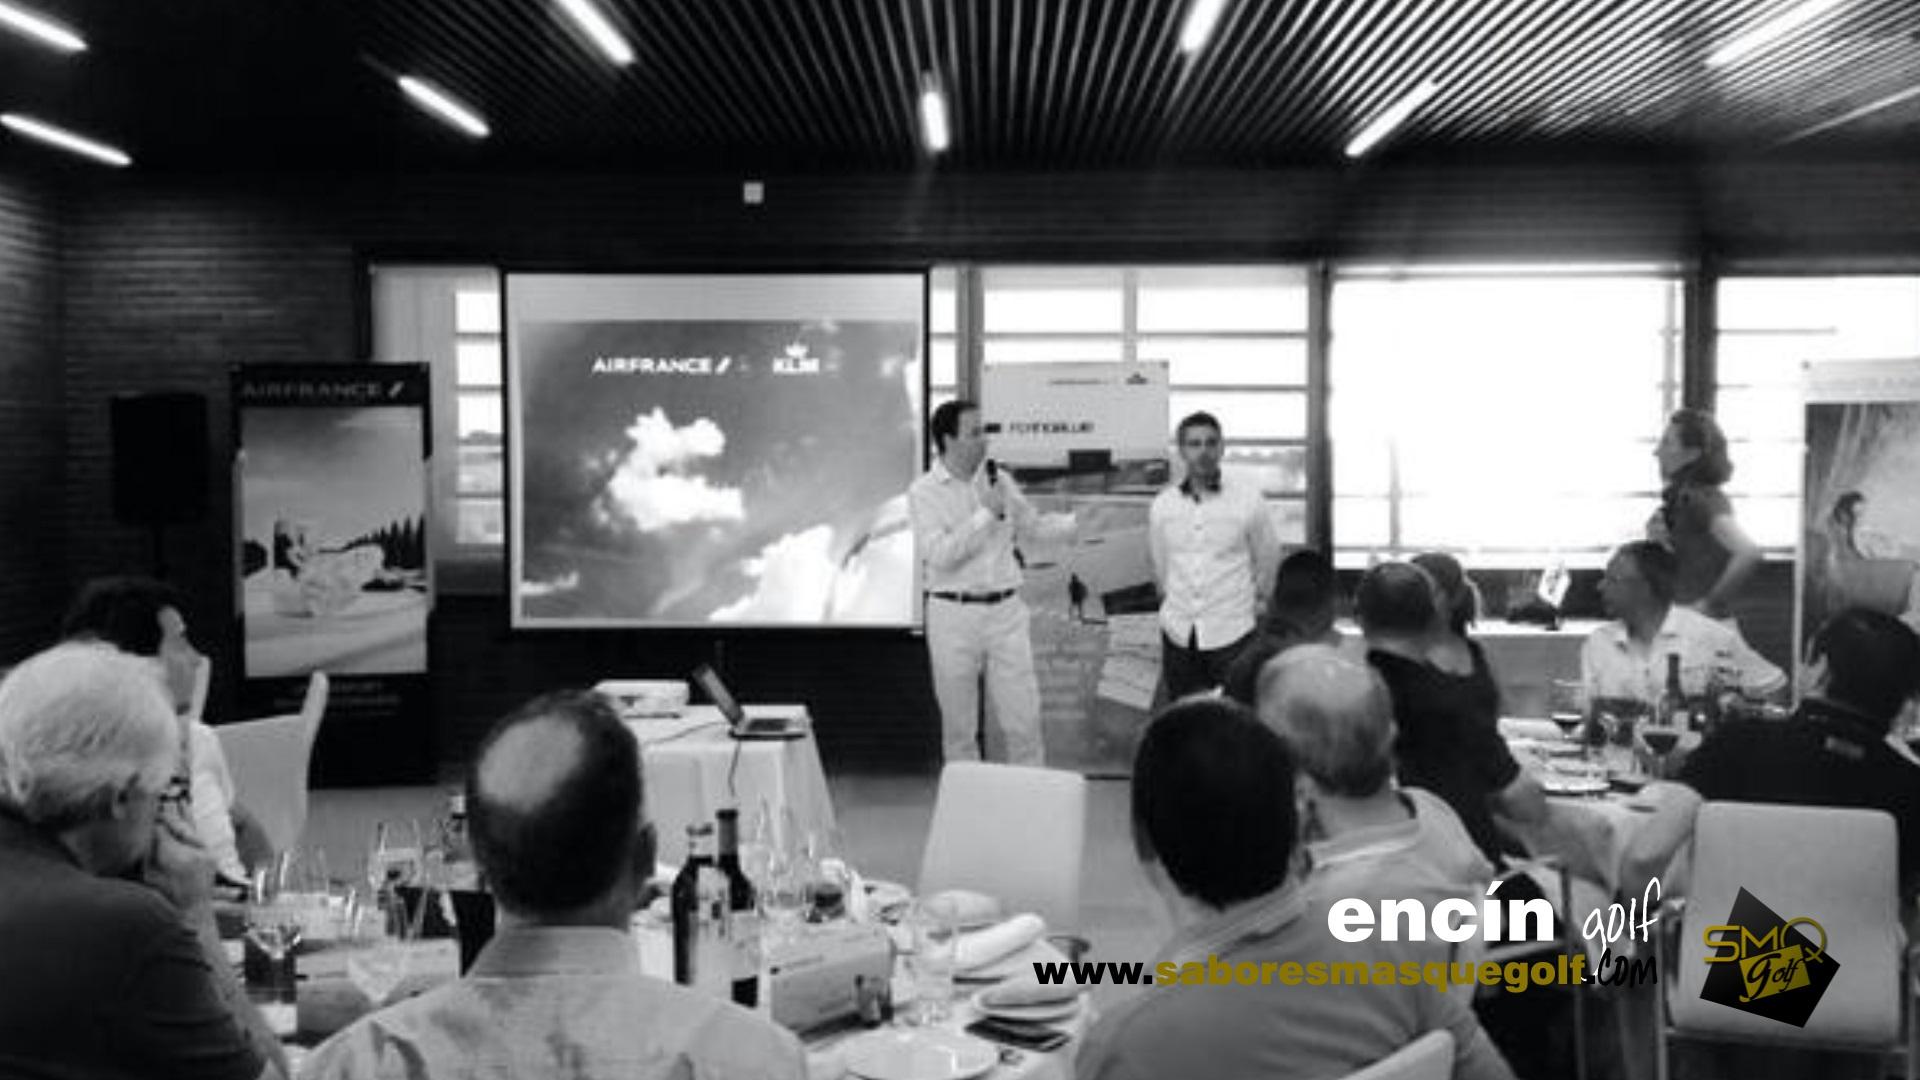 Eventos de empresa Encín Golf (AirFrance)